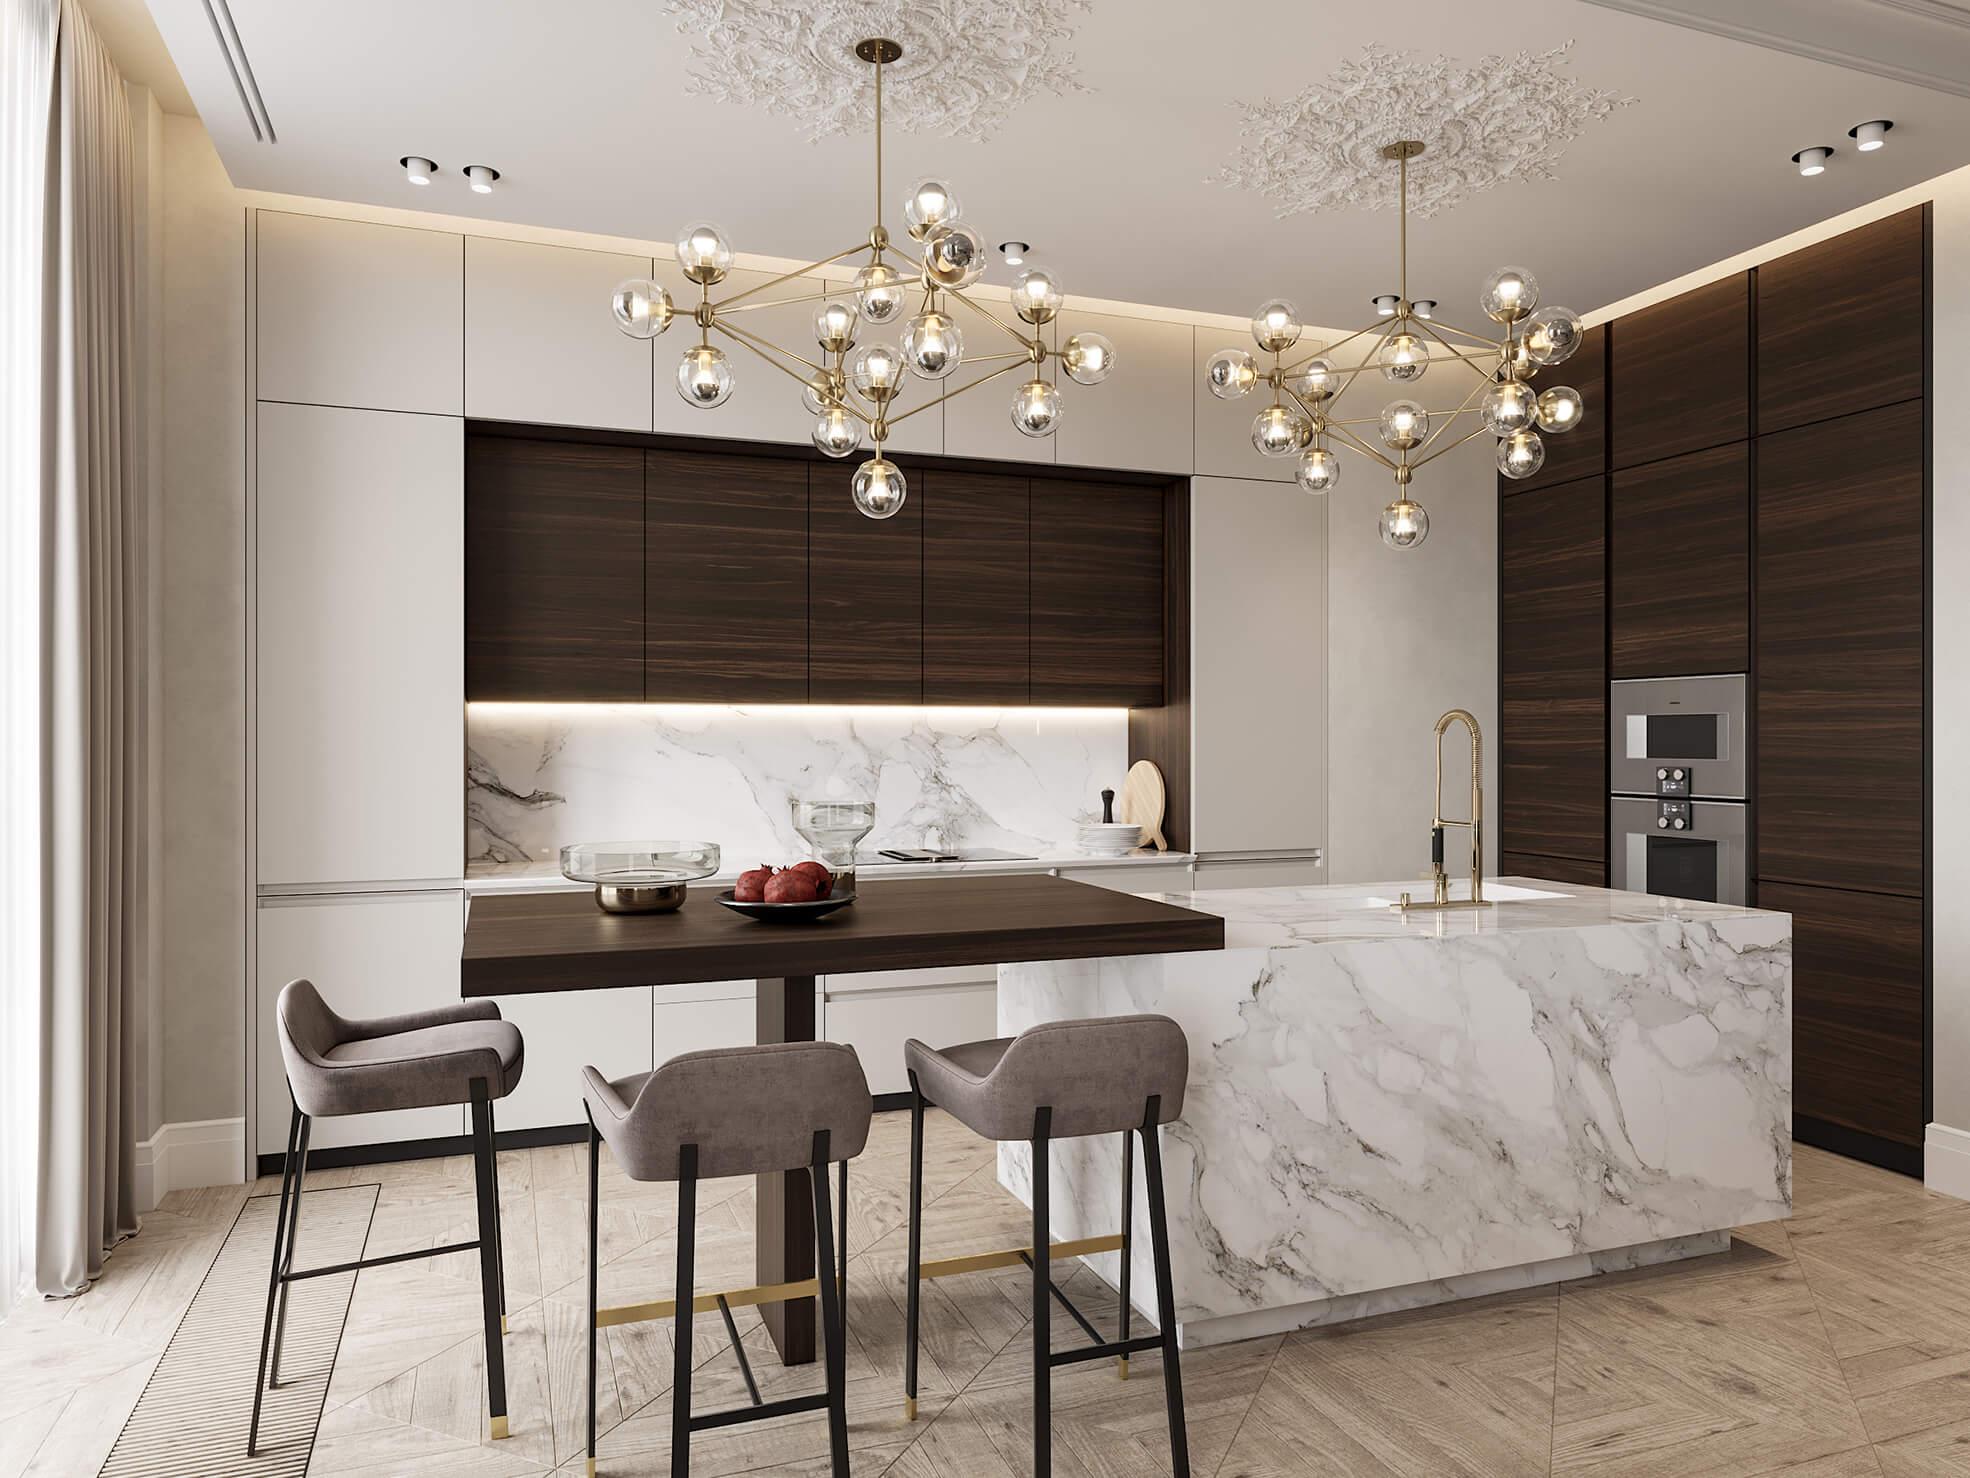 phong cách thiết kế nội thất nhà chung cư đẹp nhất hiện nay 11